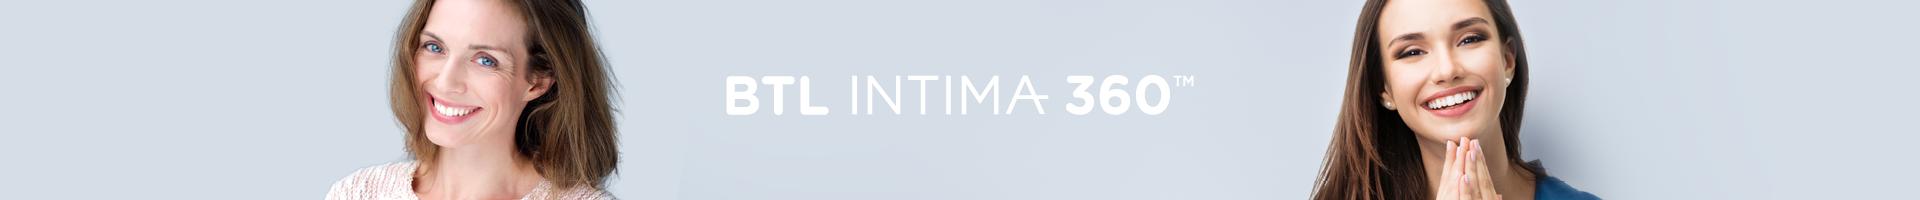 BTL_Intima_360_PIC_Web-header_CN100